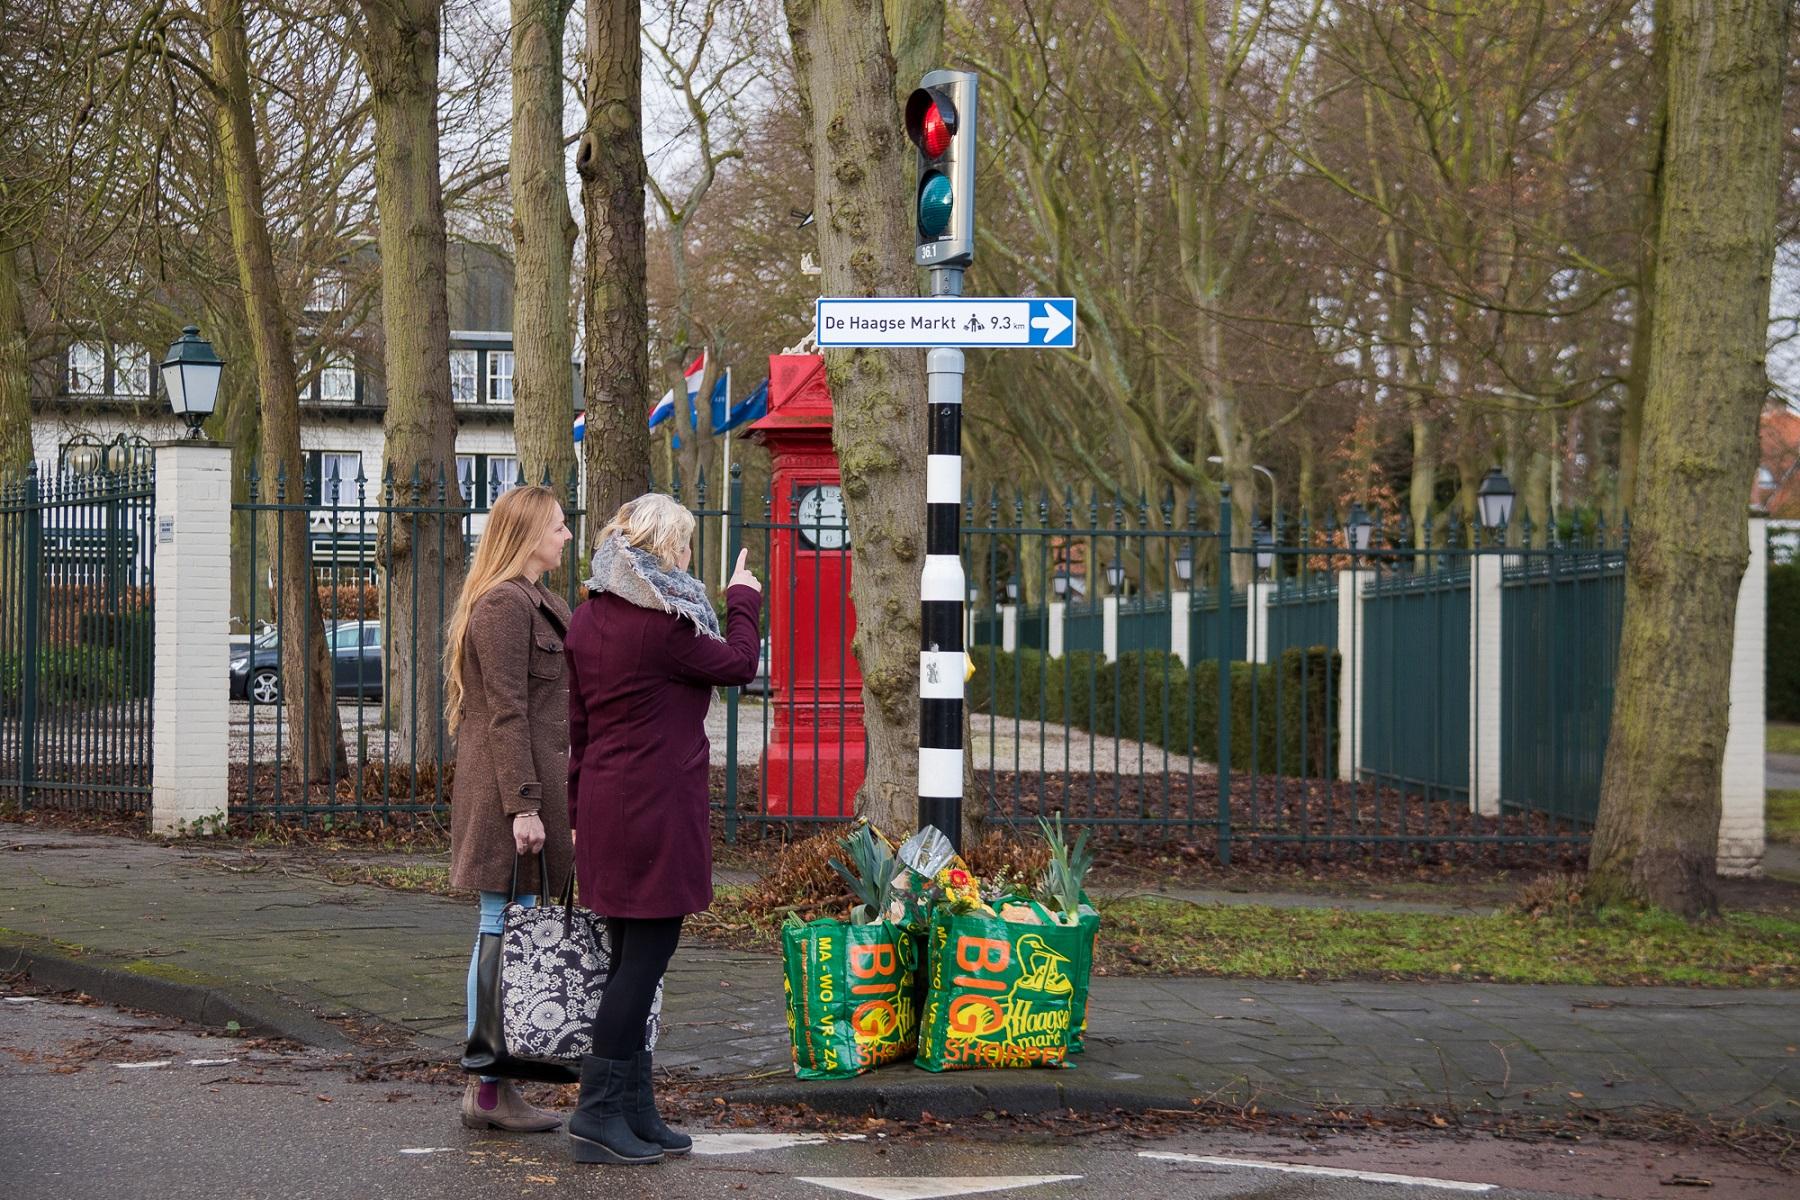 Auberge-de-Kieviet-Wassenaar1---Esther-van-der-Wallen-4